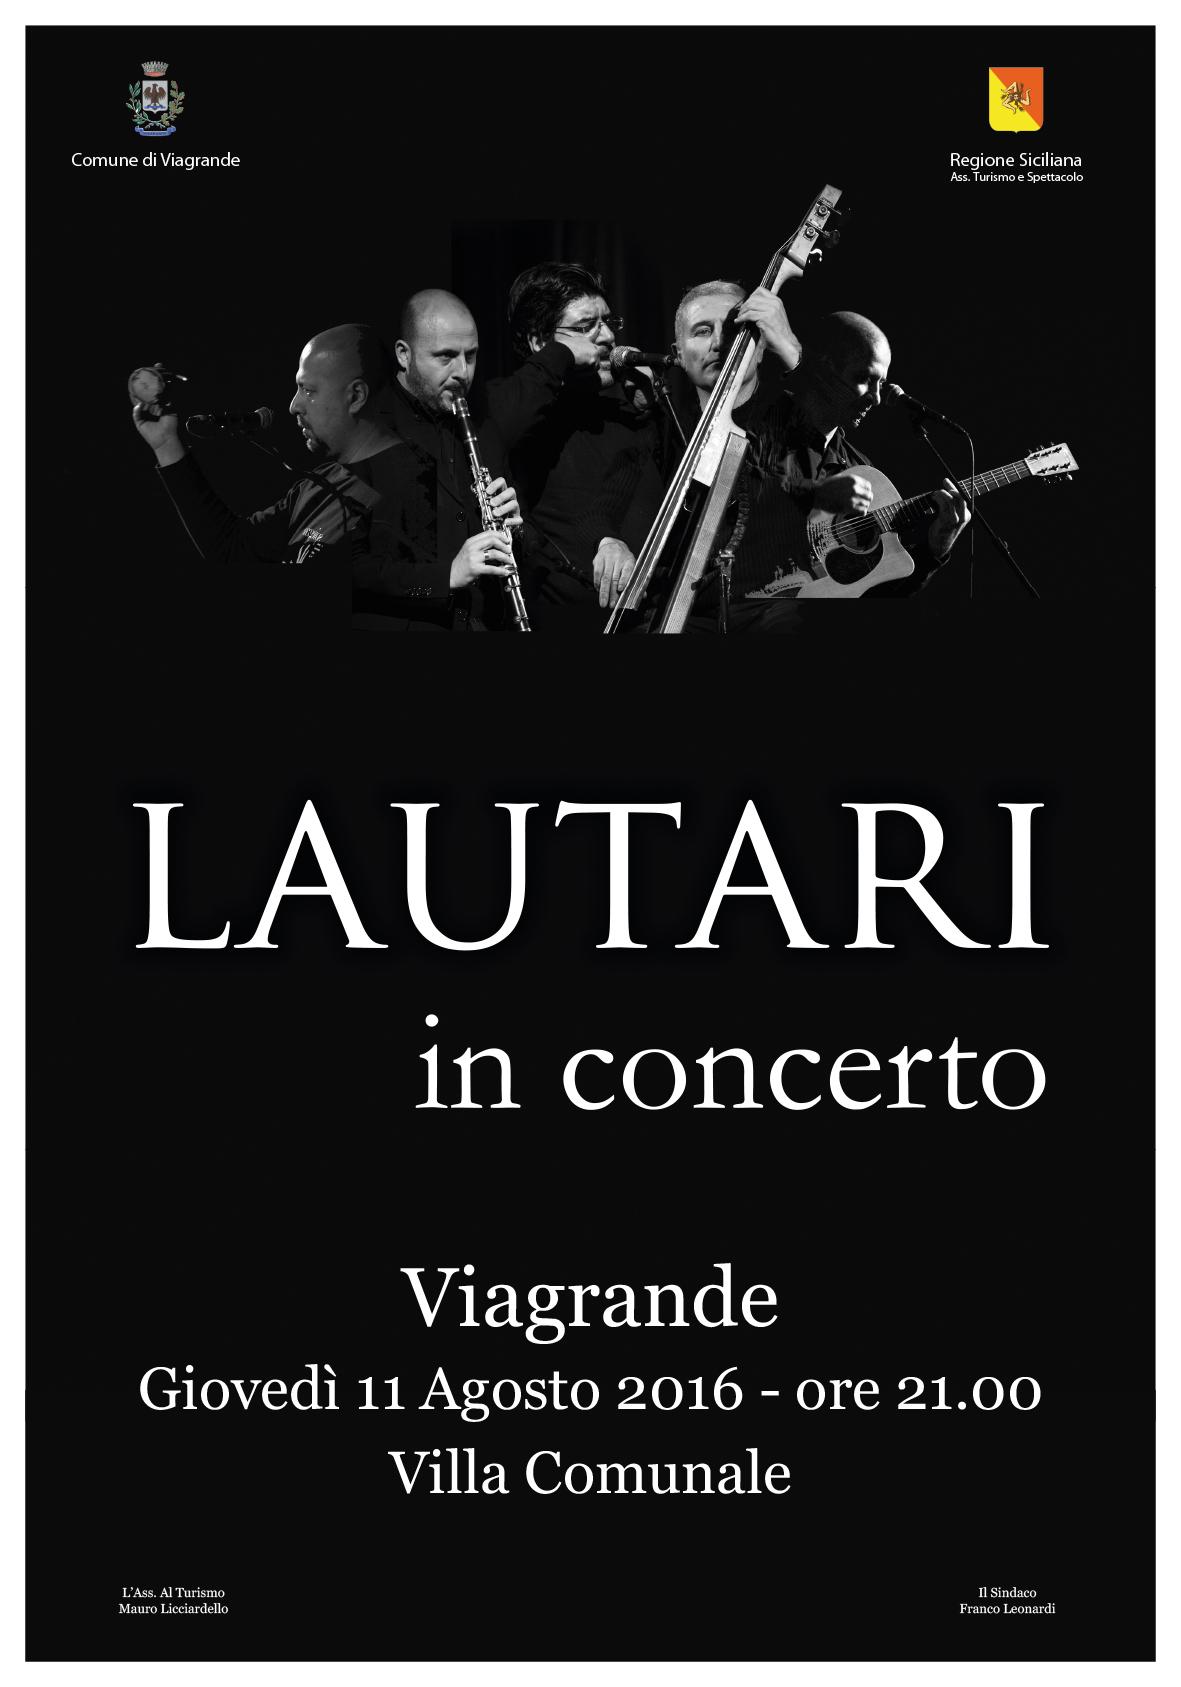 Lautari #LeVieDeiCanti – Viagrande (CT) – Tour Estivo 2016